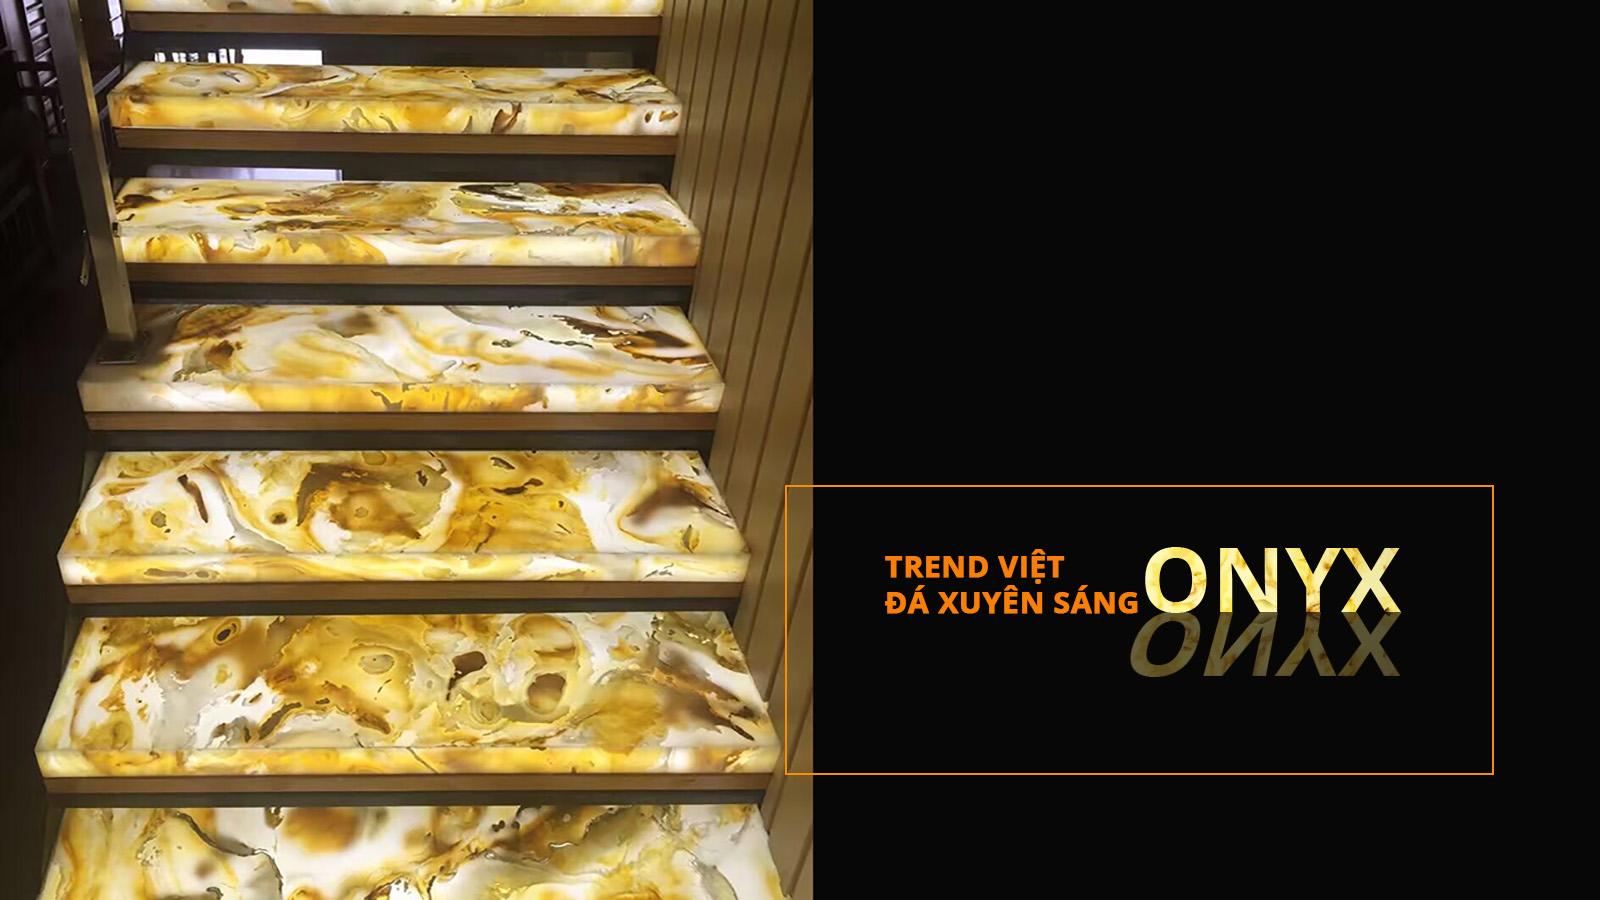 Đá xuyên sáng Onyx Trend Việt